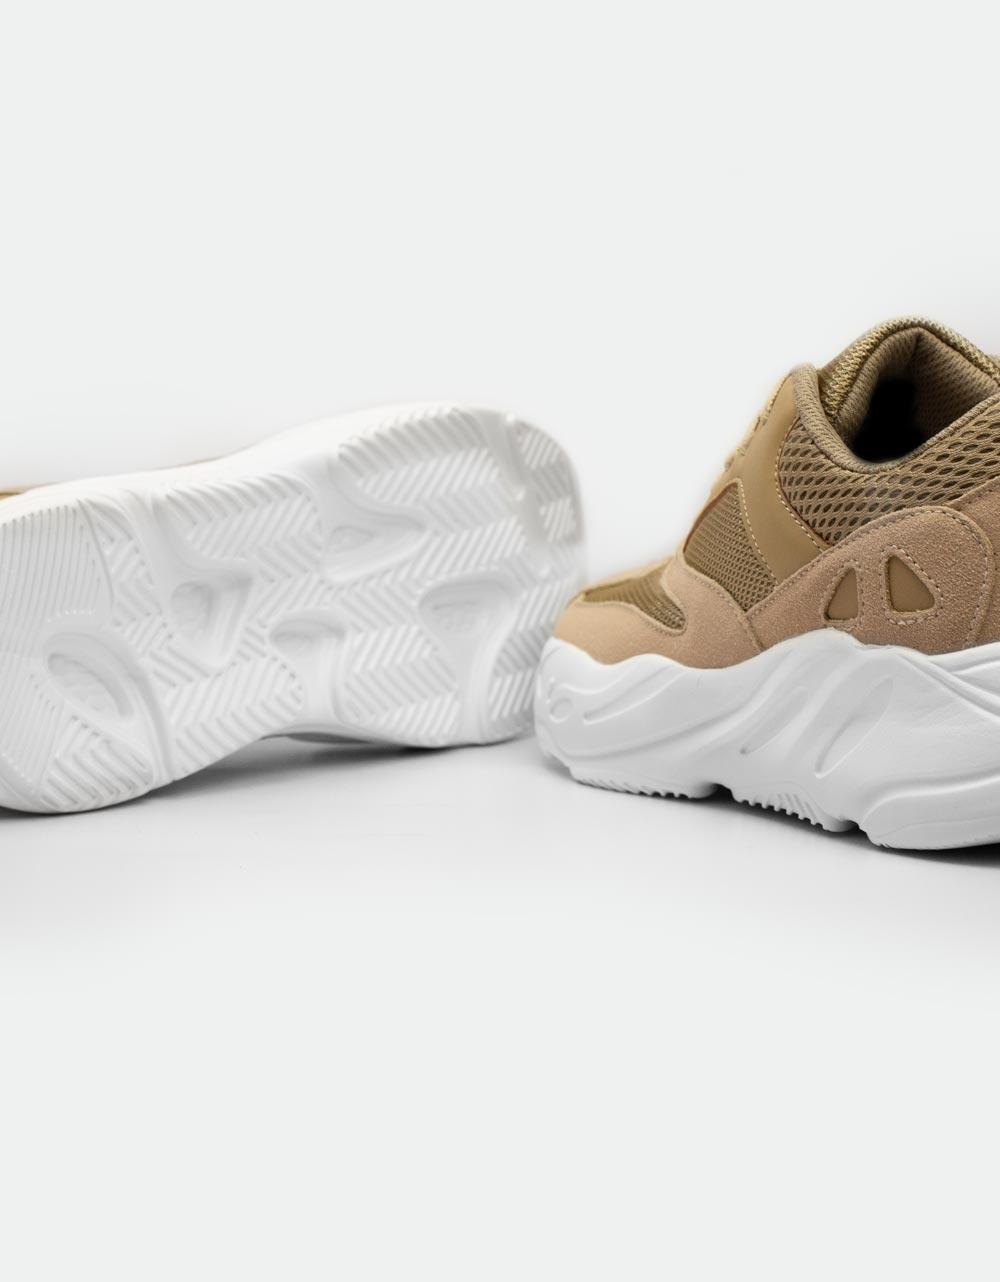 Εικόνα από Ανδρικά sneakers με ανάγλυφες λεπτομέρειες Πούρο